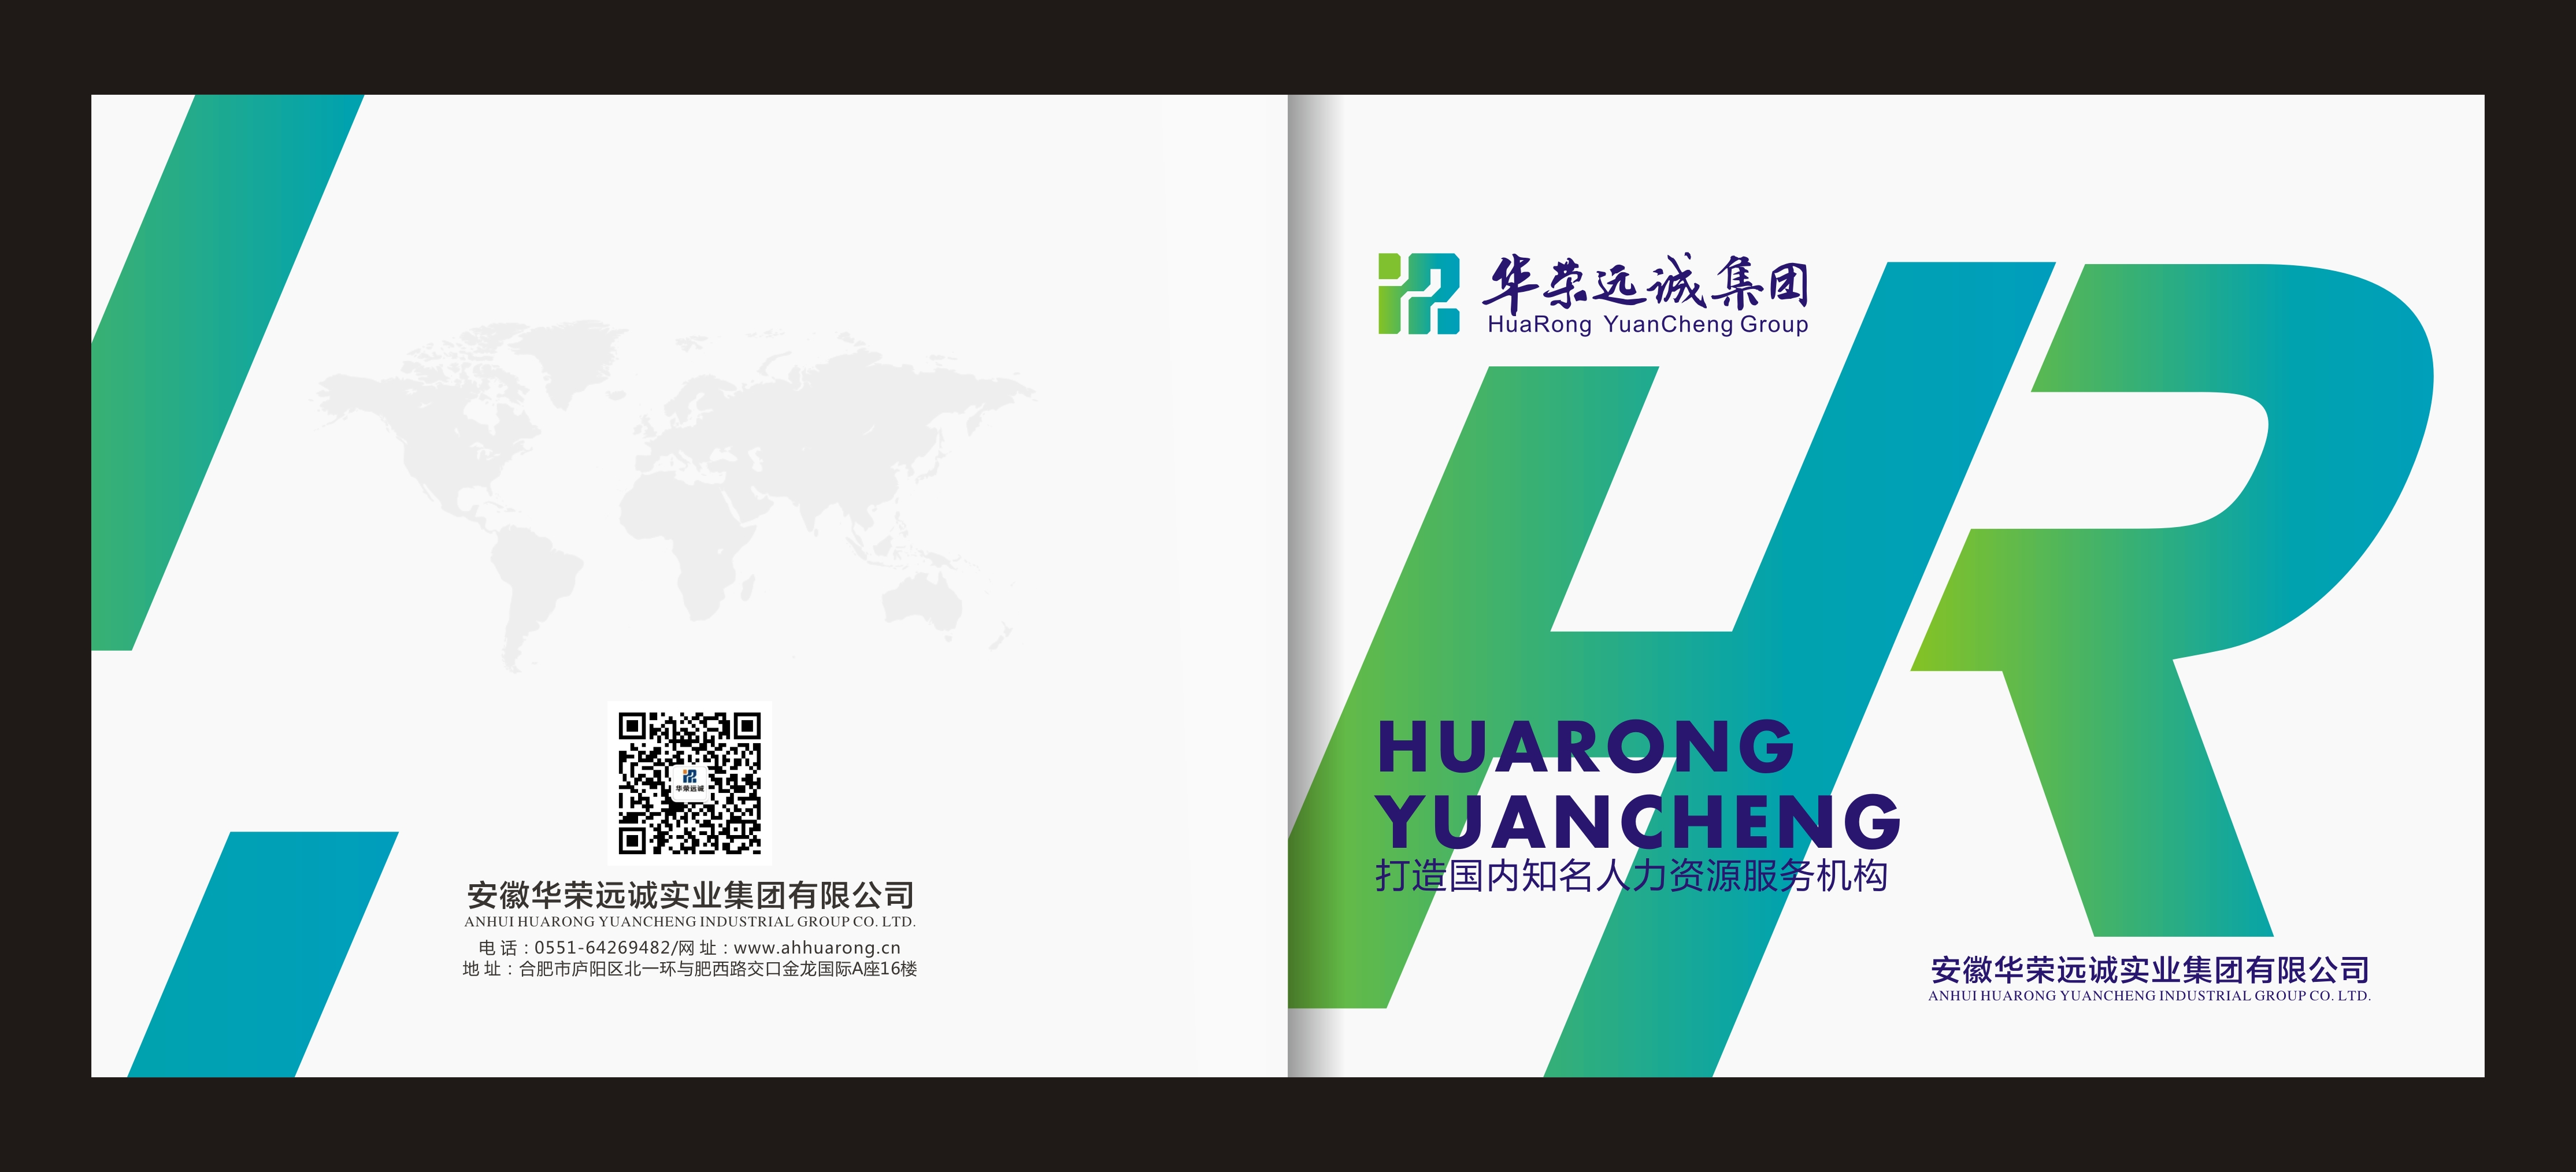 华荣集团HR画册